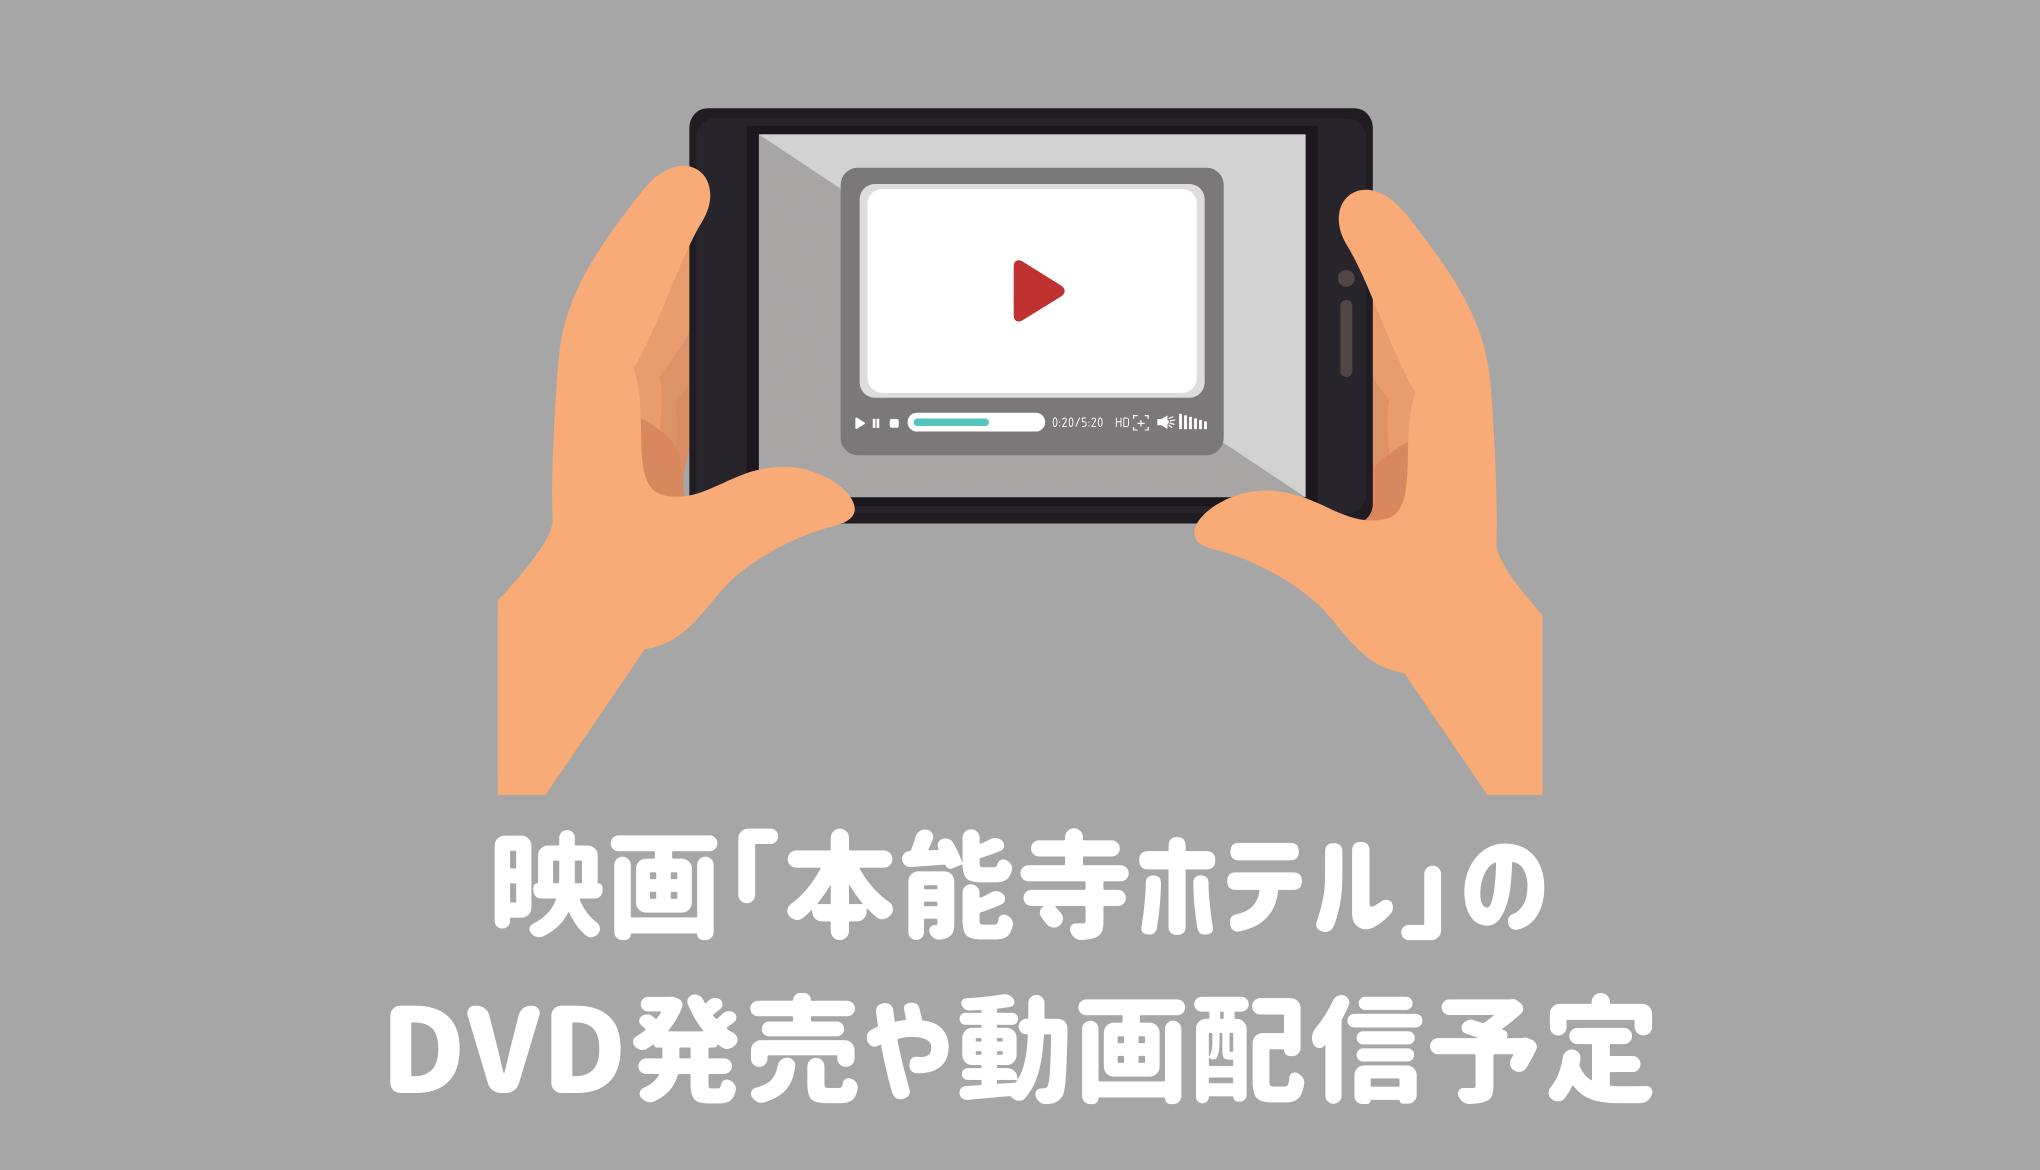 映画「本能寺ホテル」のDVD発売や動画配信予定